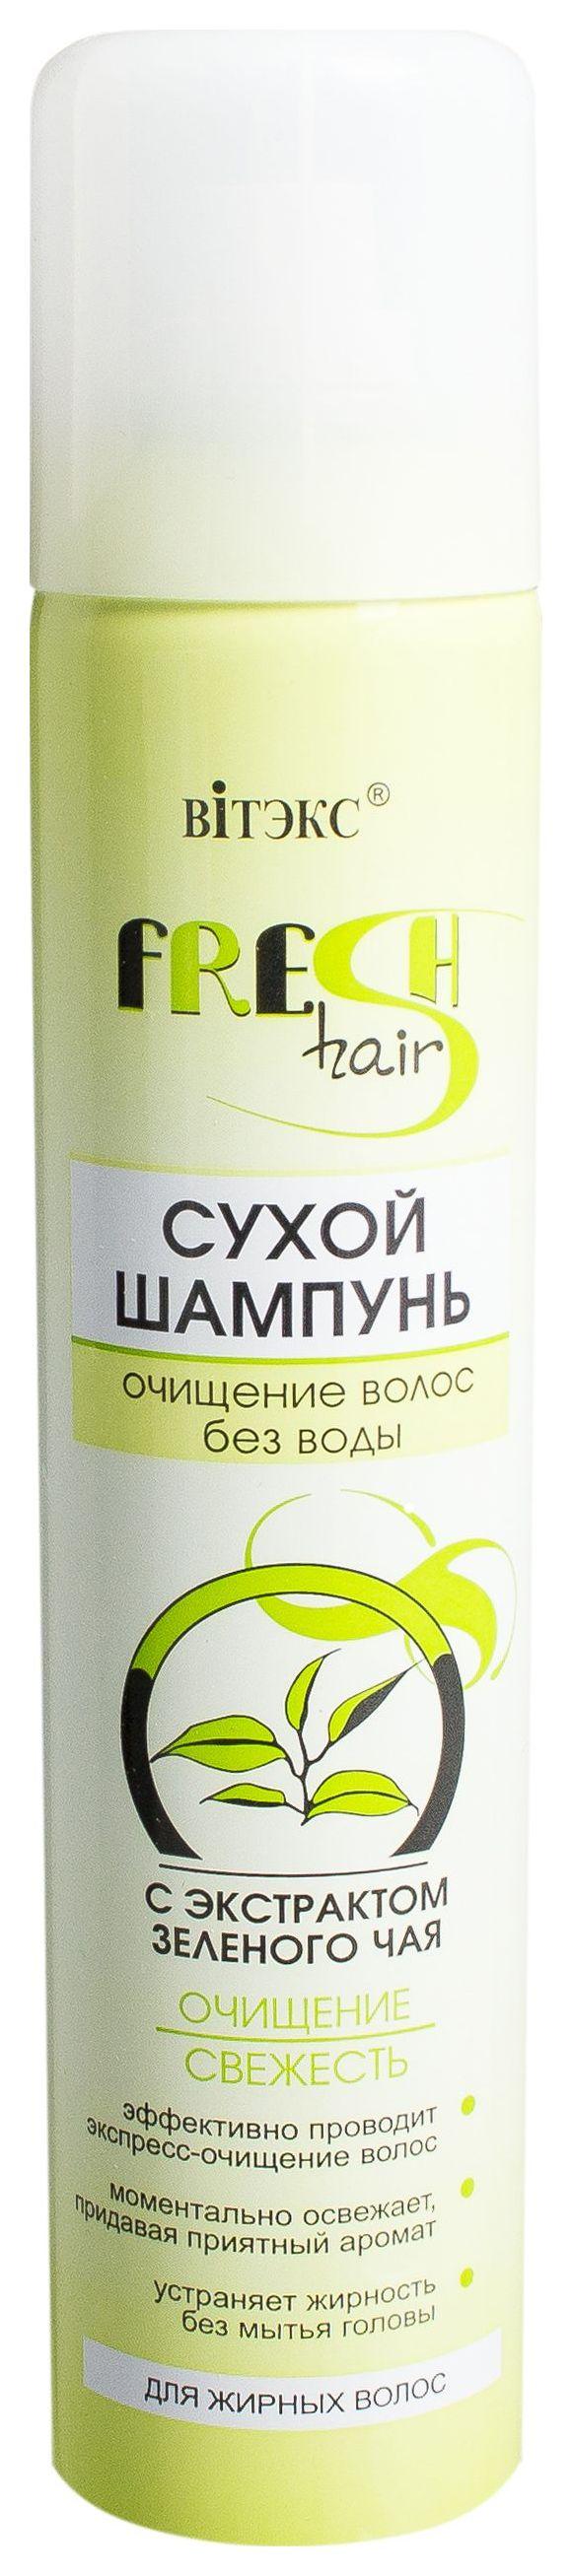 Сухой шампунь с экстрактом зеленого чая Витэкс Fresh Hair 200 мл